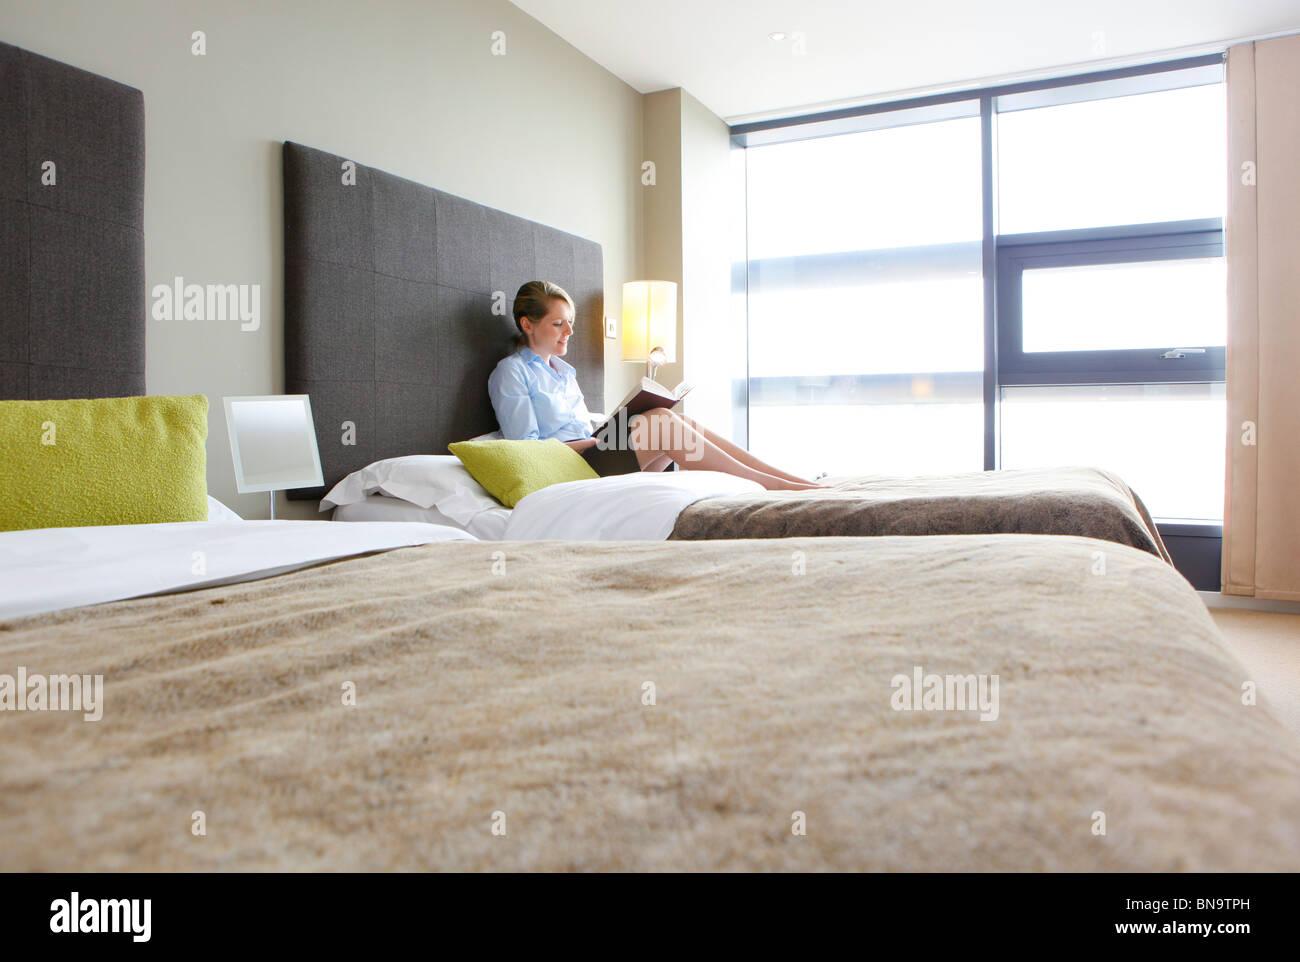 Femme lisant un livre assis sur un lit dans un appartement, Photo Stock